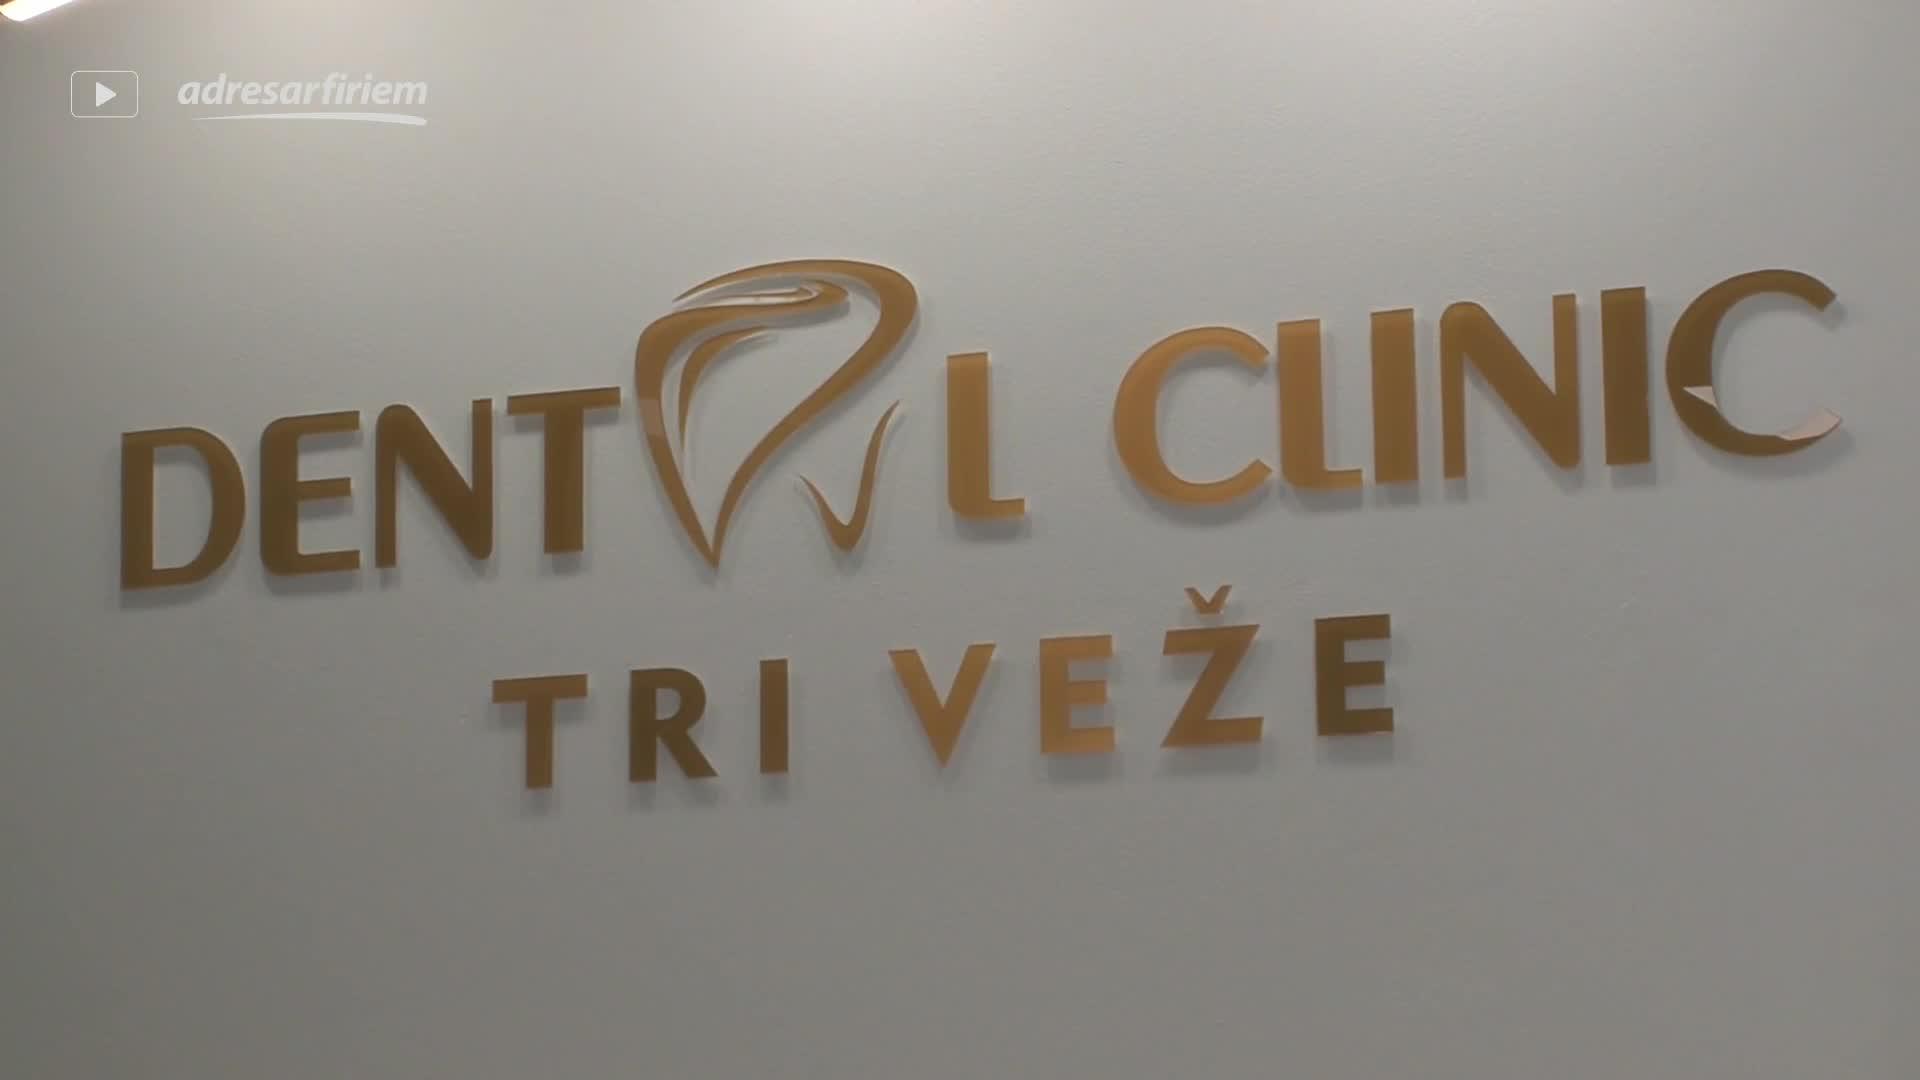 Video Dental Clinic Tri veže s. r. o. Považská Bystrica